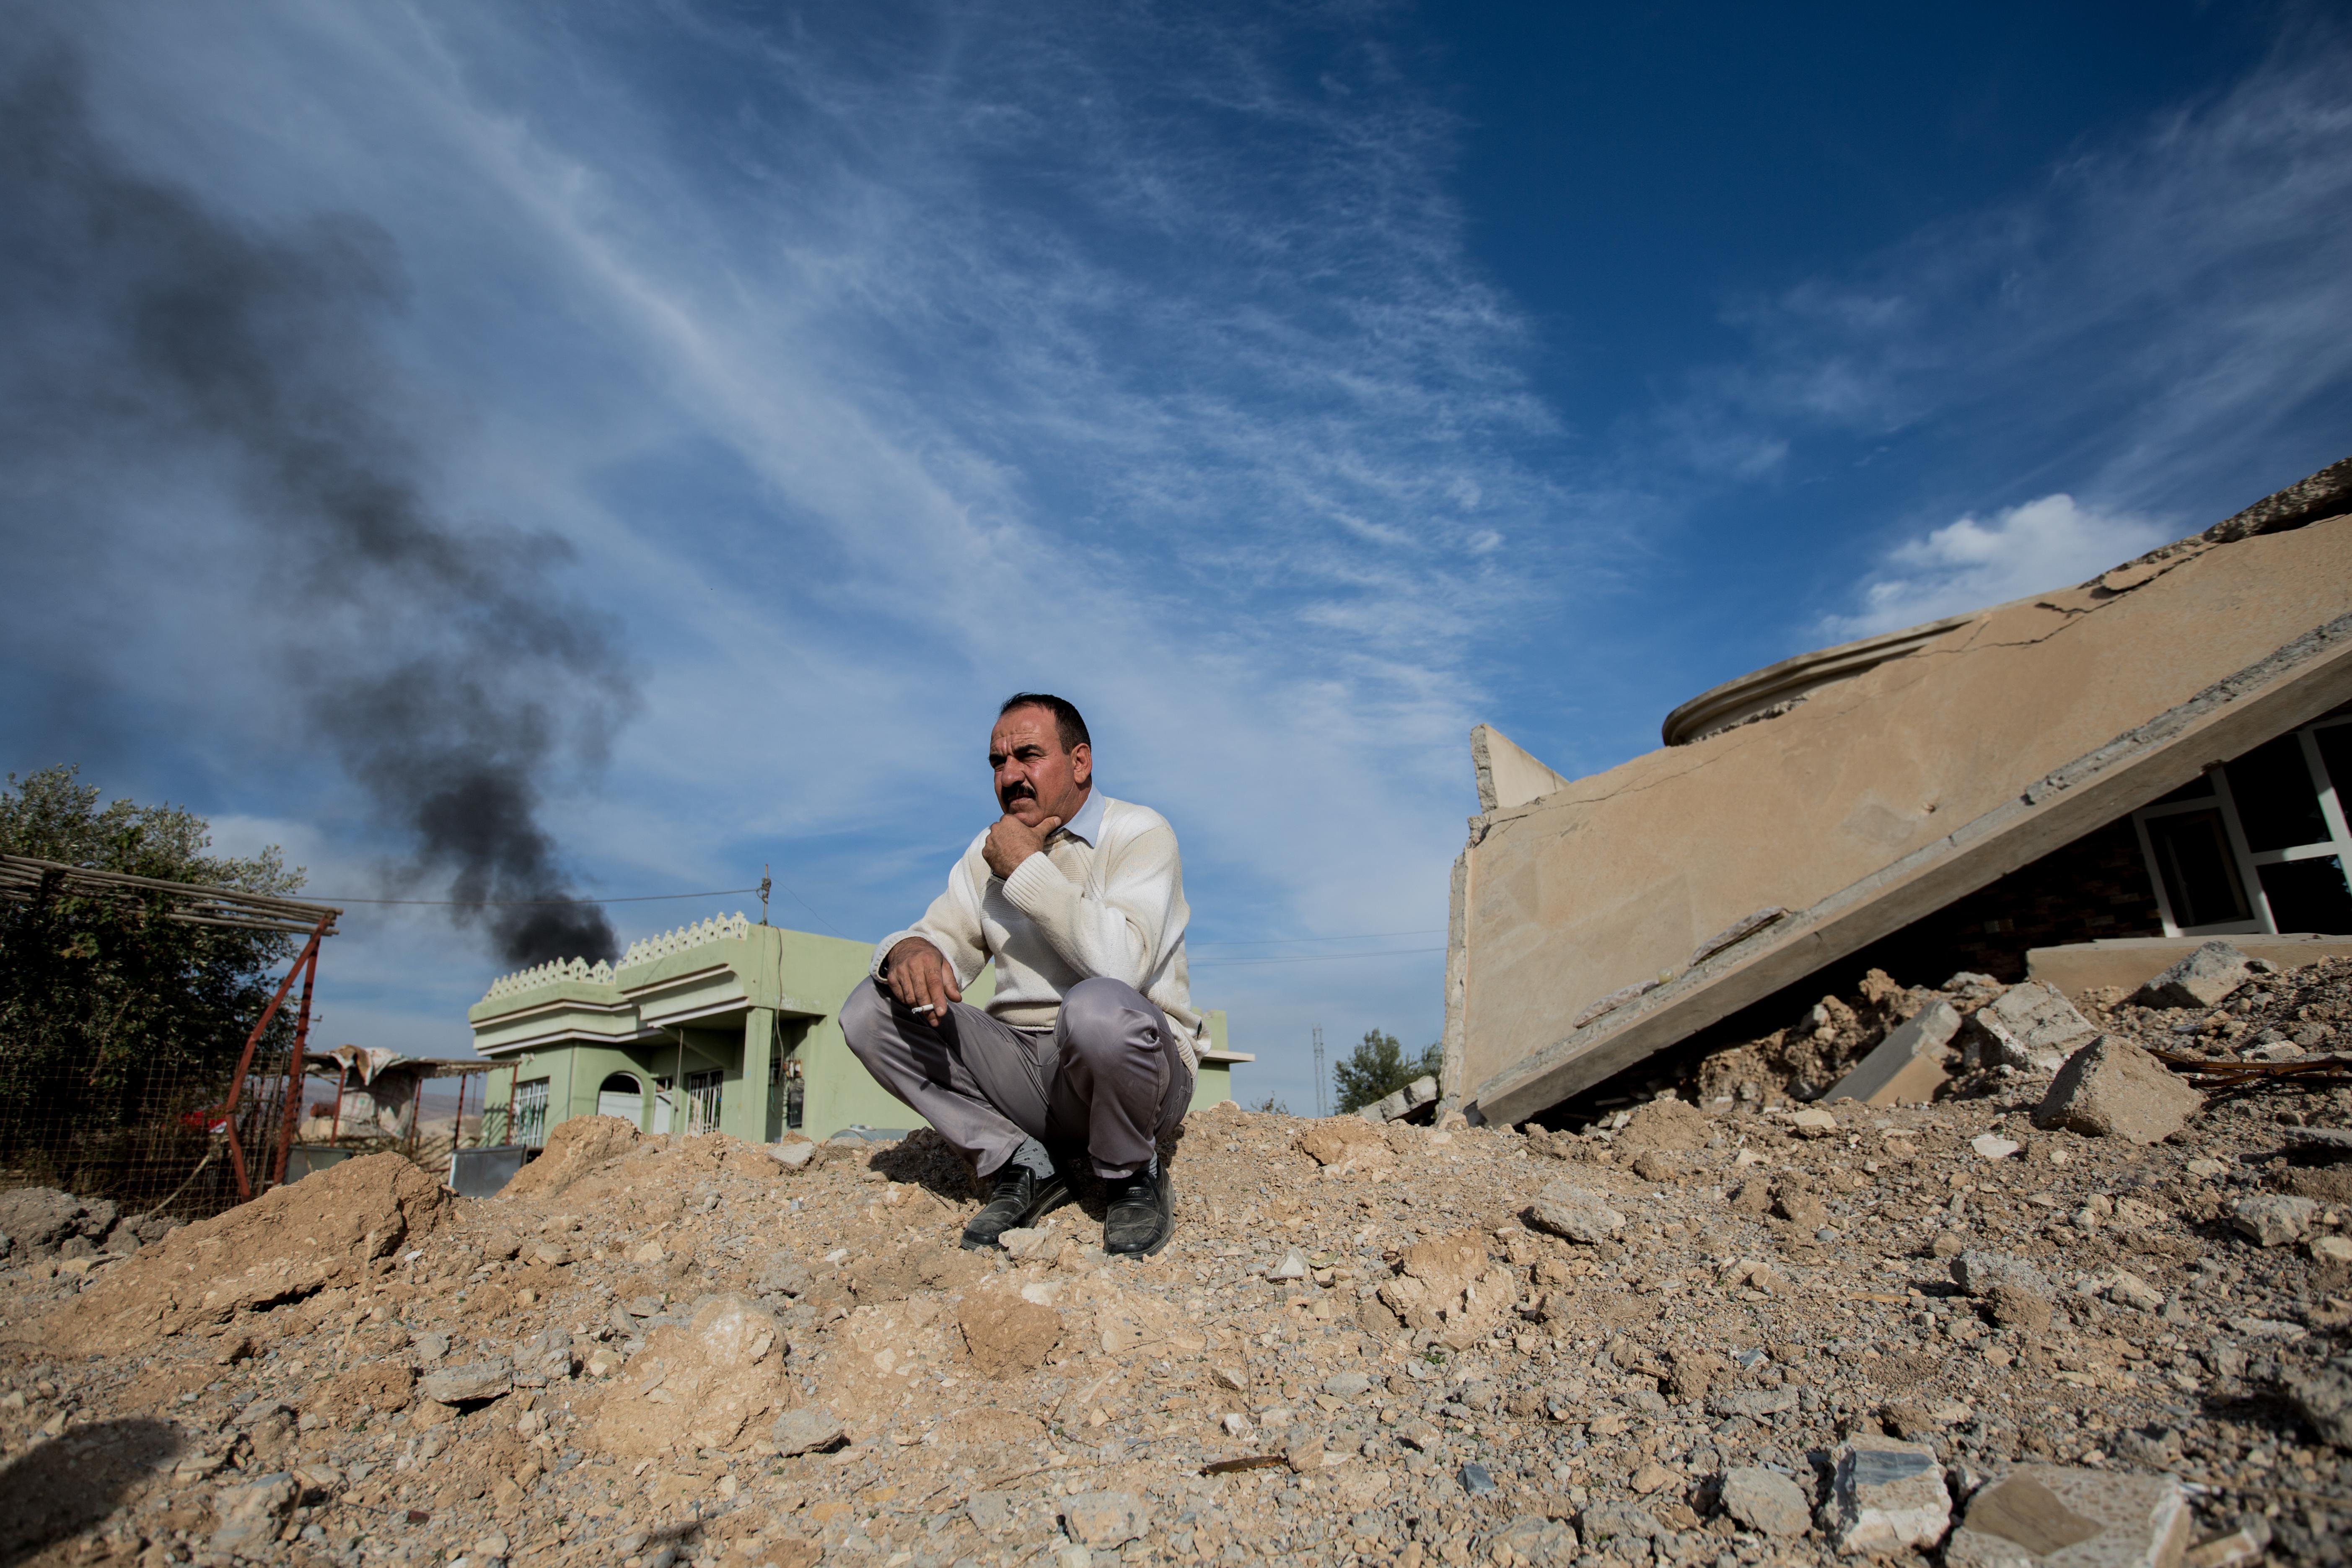 وسط الدمار في سنجار (سيباستيان باخوس/ Getty)